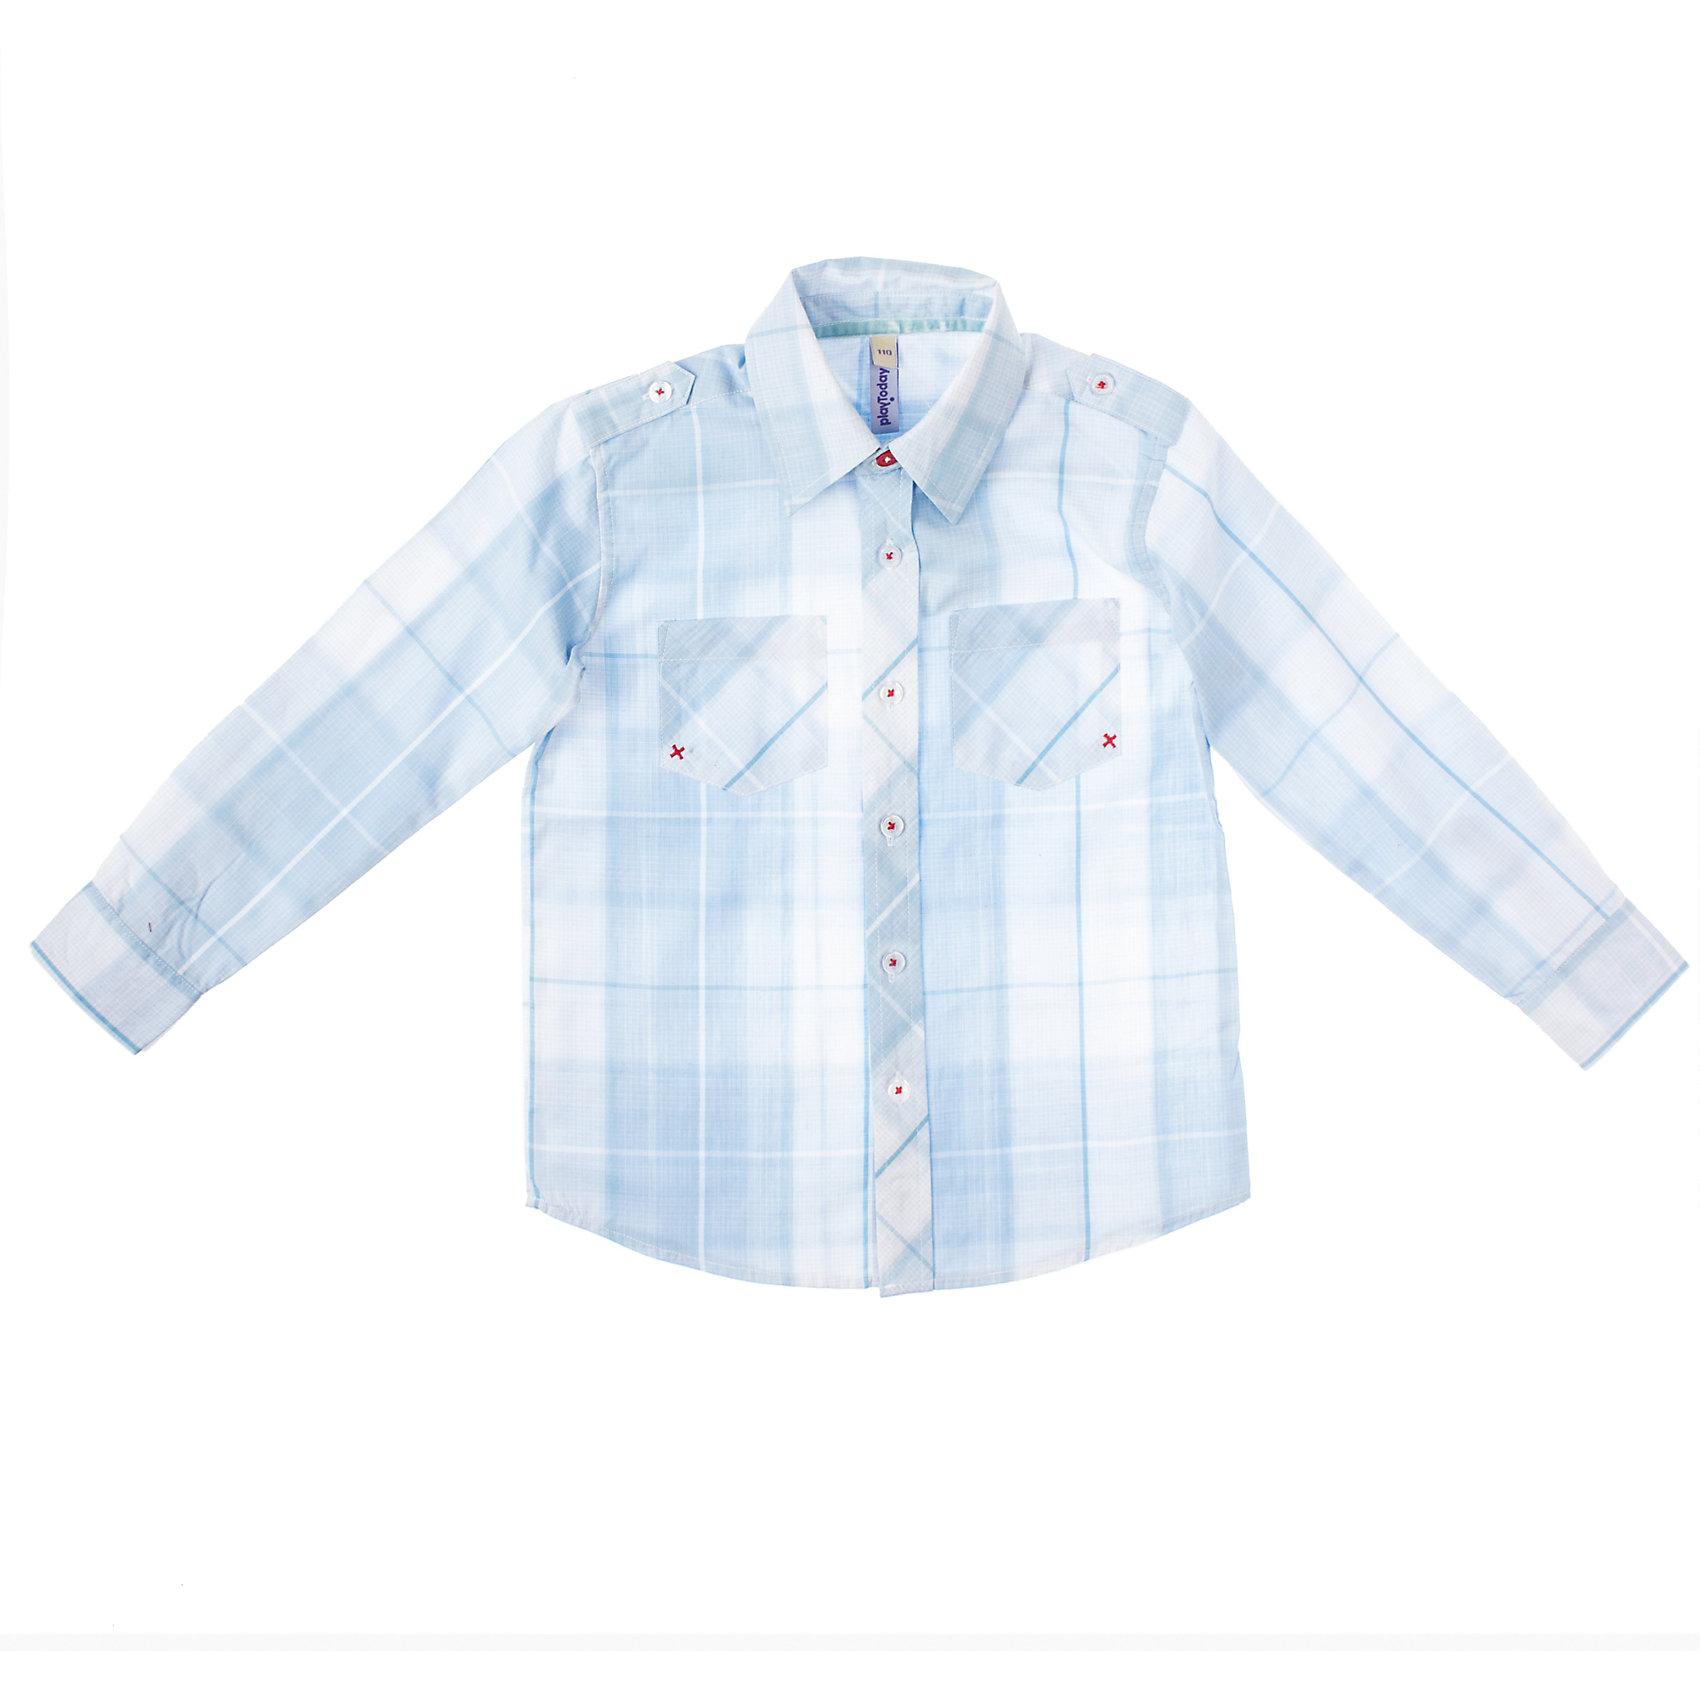 Рубашка для мальчика PlayTodayСорочка для мальчика PlayToday Стильная рубашка<br>в клетку. <br>Отложной воротничок со стойкой, манжеты на пуговицах. На полочках - два функциональных накладных кармана. Состав: 60% хлопок, 40% полиэстер<br><br>Ширина мм: 281<br>Глубина мм: 70<br>Высота мм: 188<br>Вес г: 295<br>Цвет: голубой<br>Возраст от месяцев: 24<br>Возраст до месяцев: 36<br>Пол: Мужской<br>Возраст: Детский<br>Размер: 98,110,104,122,128,116<br>SKU: 4227561